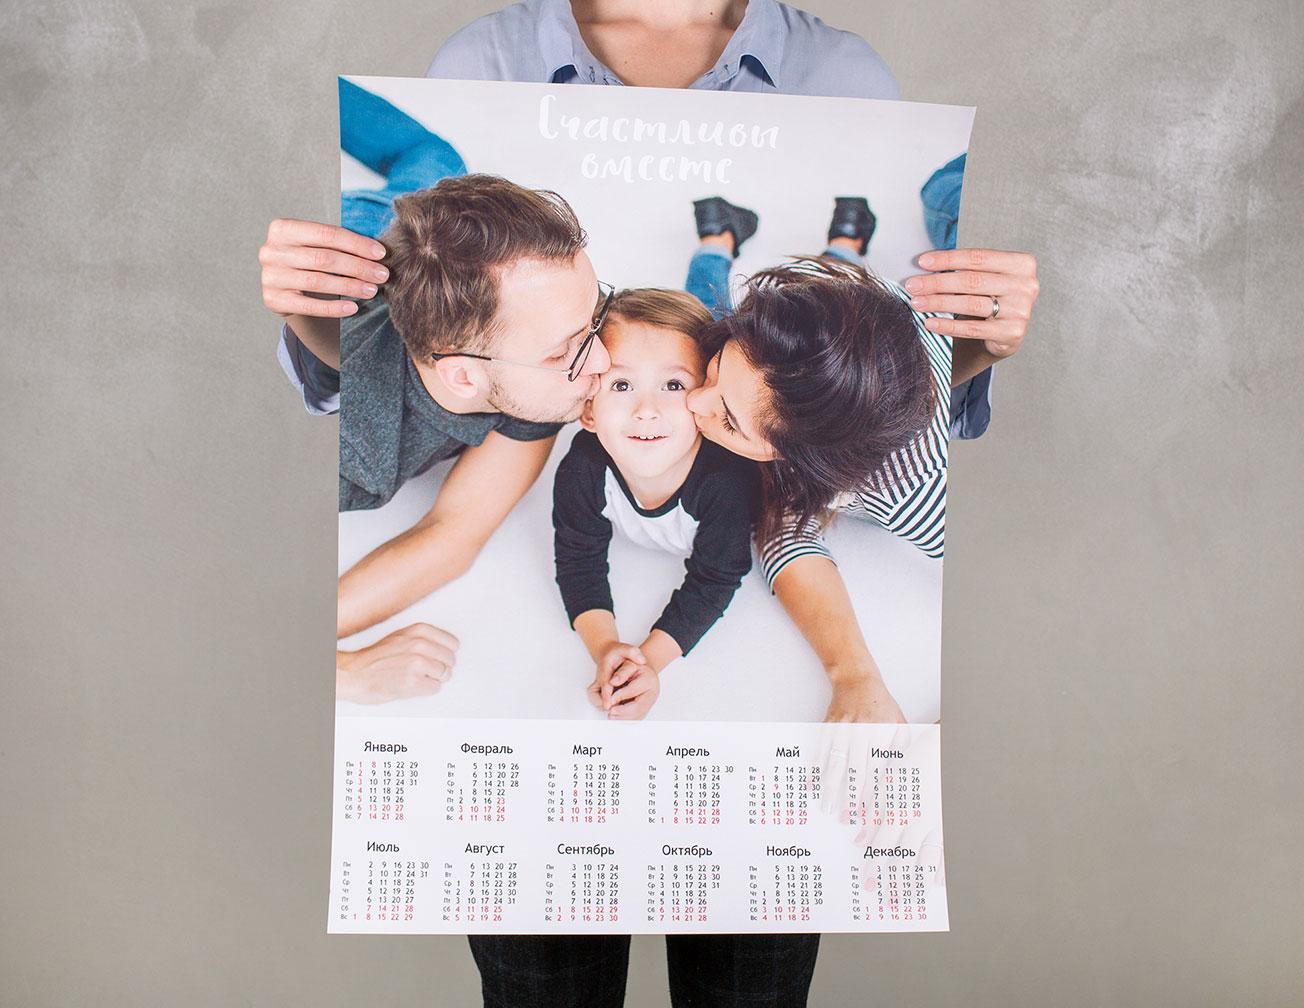 Календарь с фото В2 плакат: изготовление и печать на заказ в NetPrint